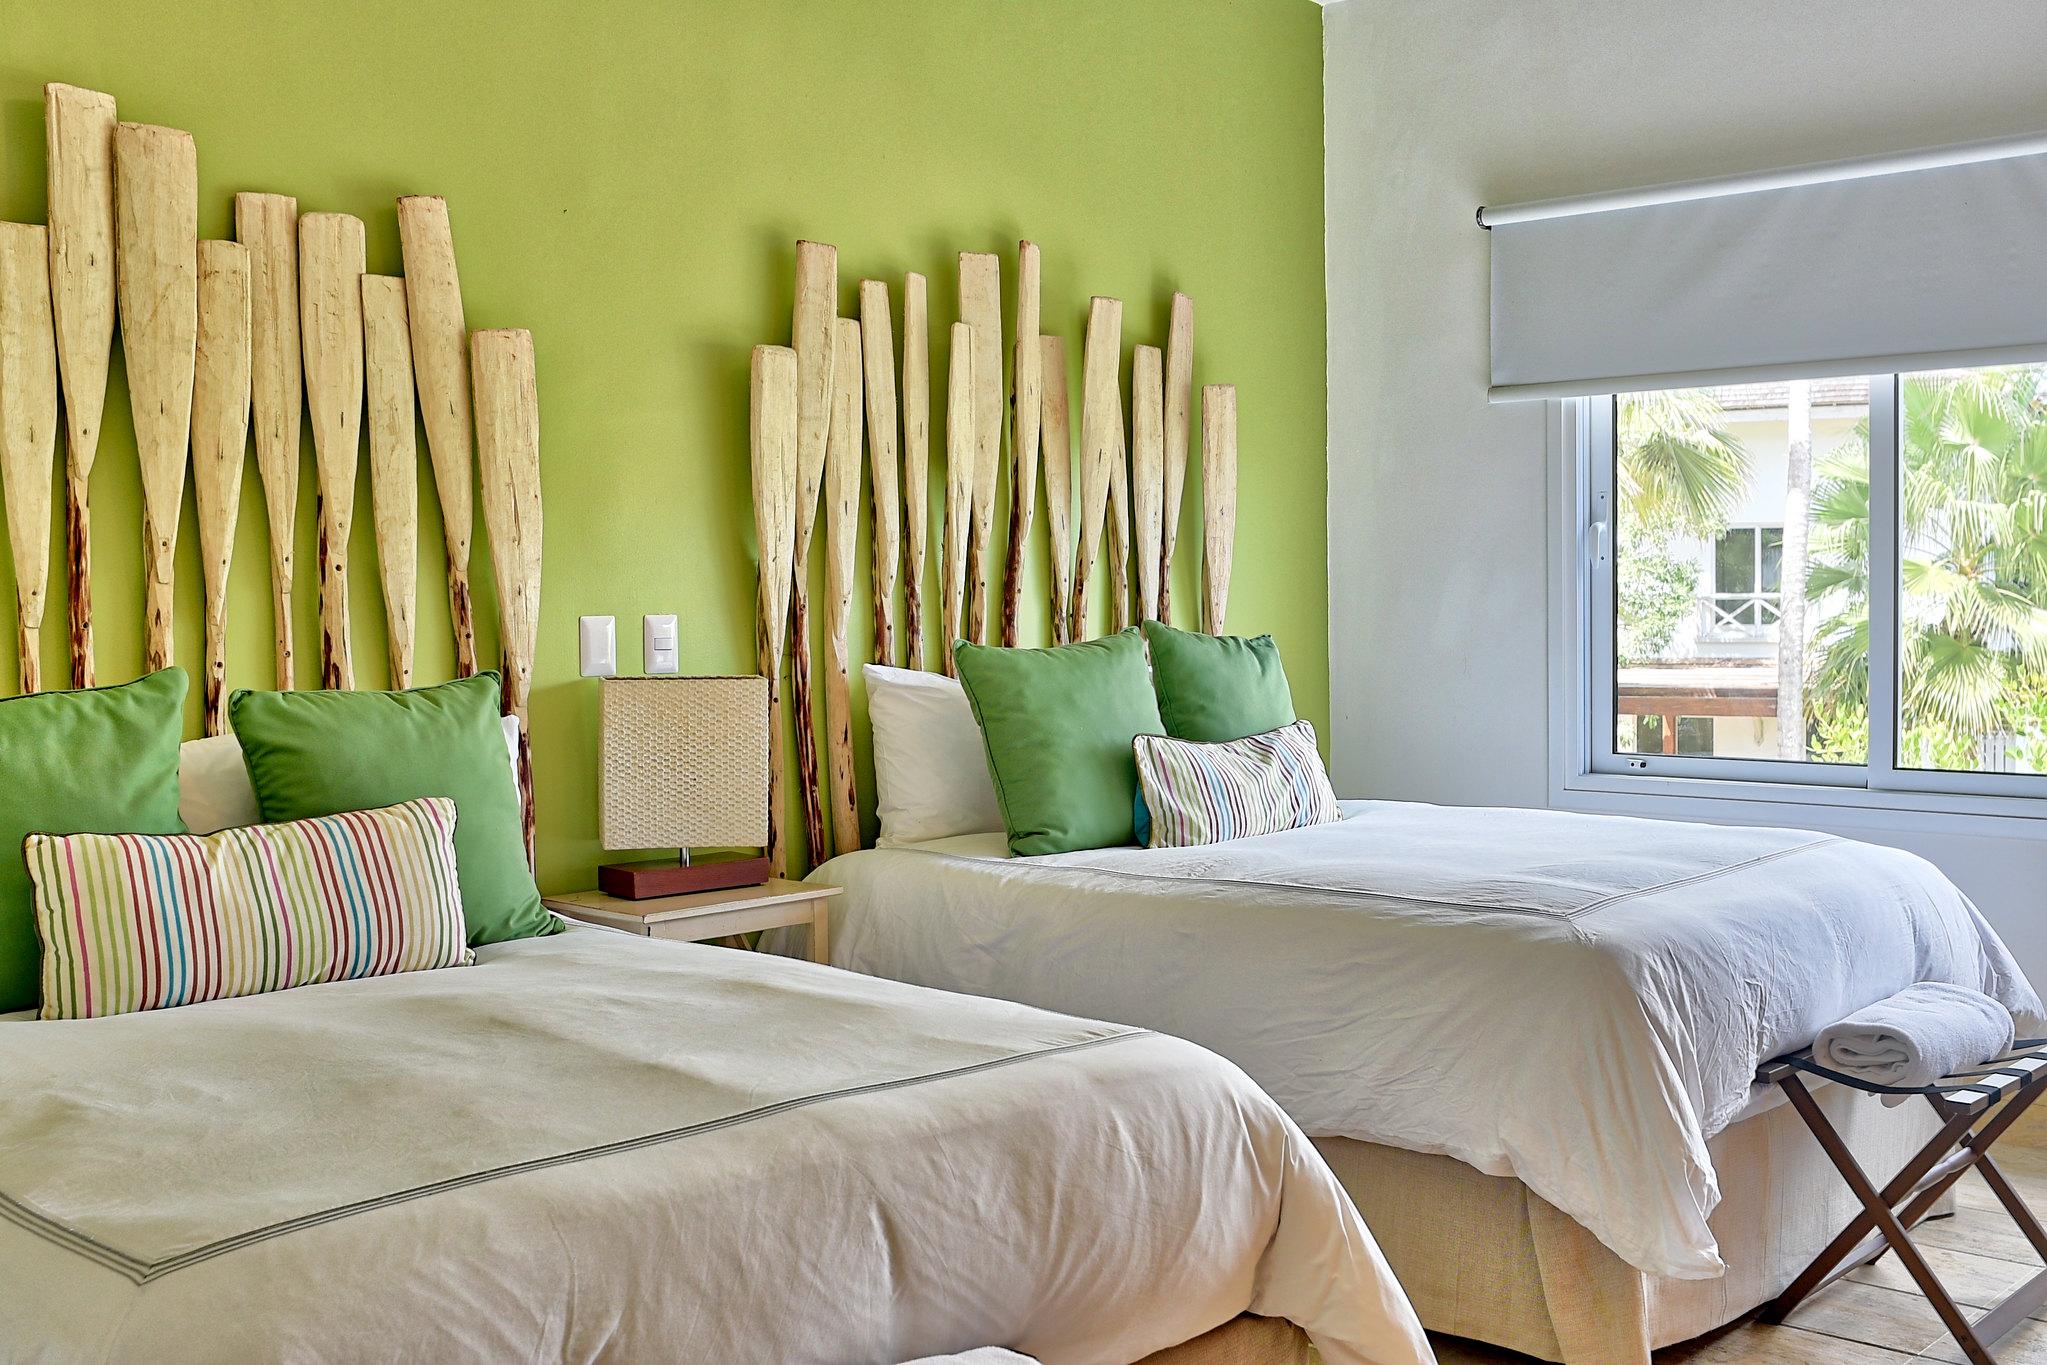 Suites de 3 dormitorios